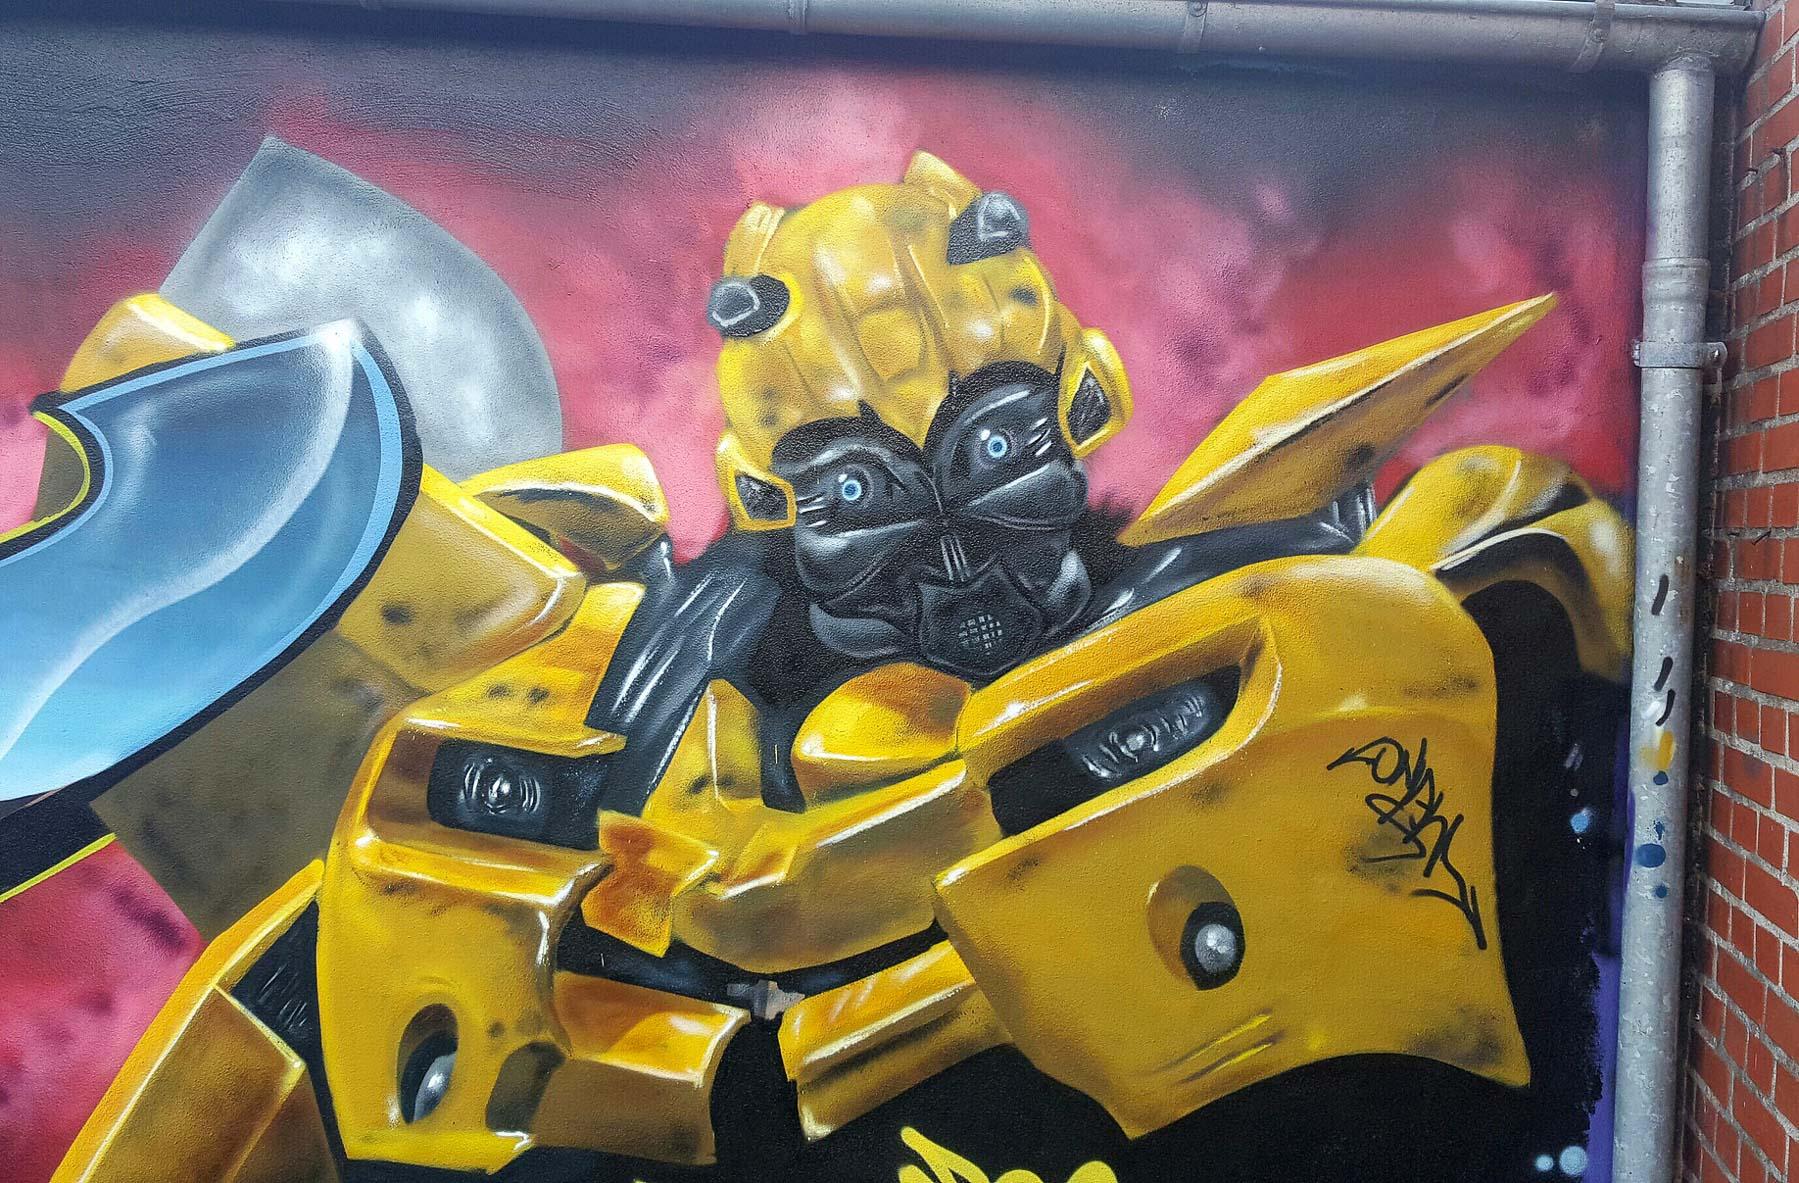 Hvad er forskellen på graffiti og street art? Mød to anerkendte kunstnere og lær forskellen på kunstformerne